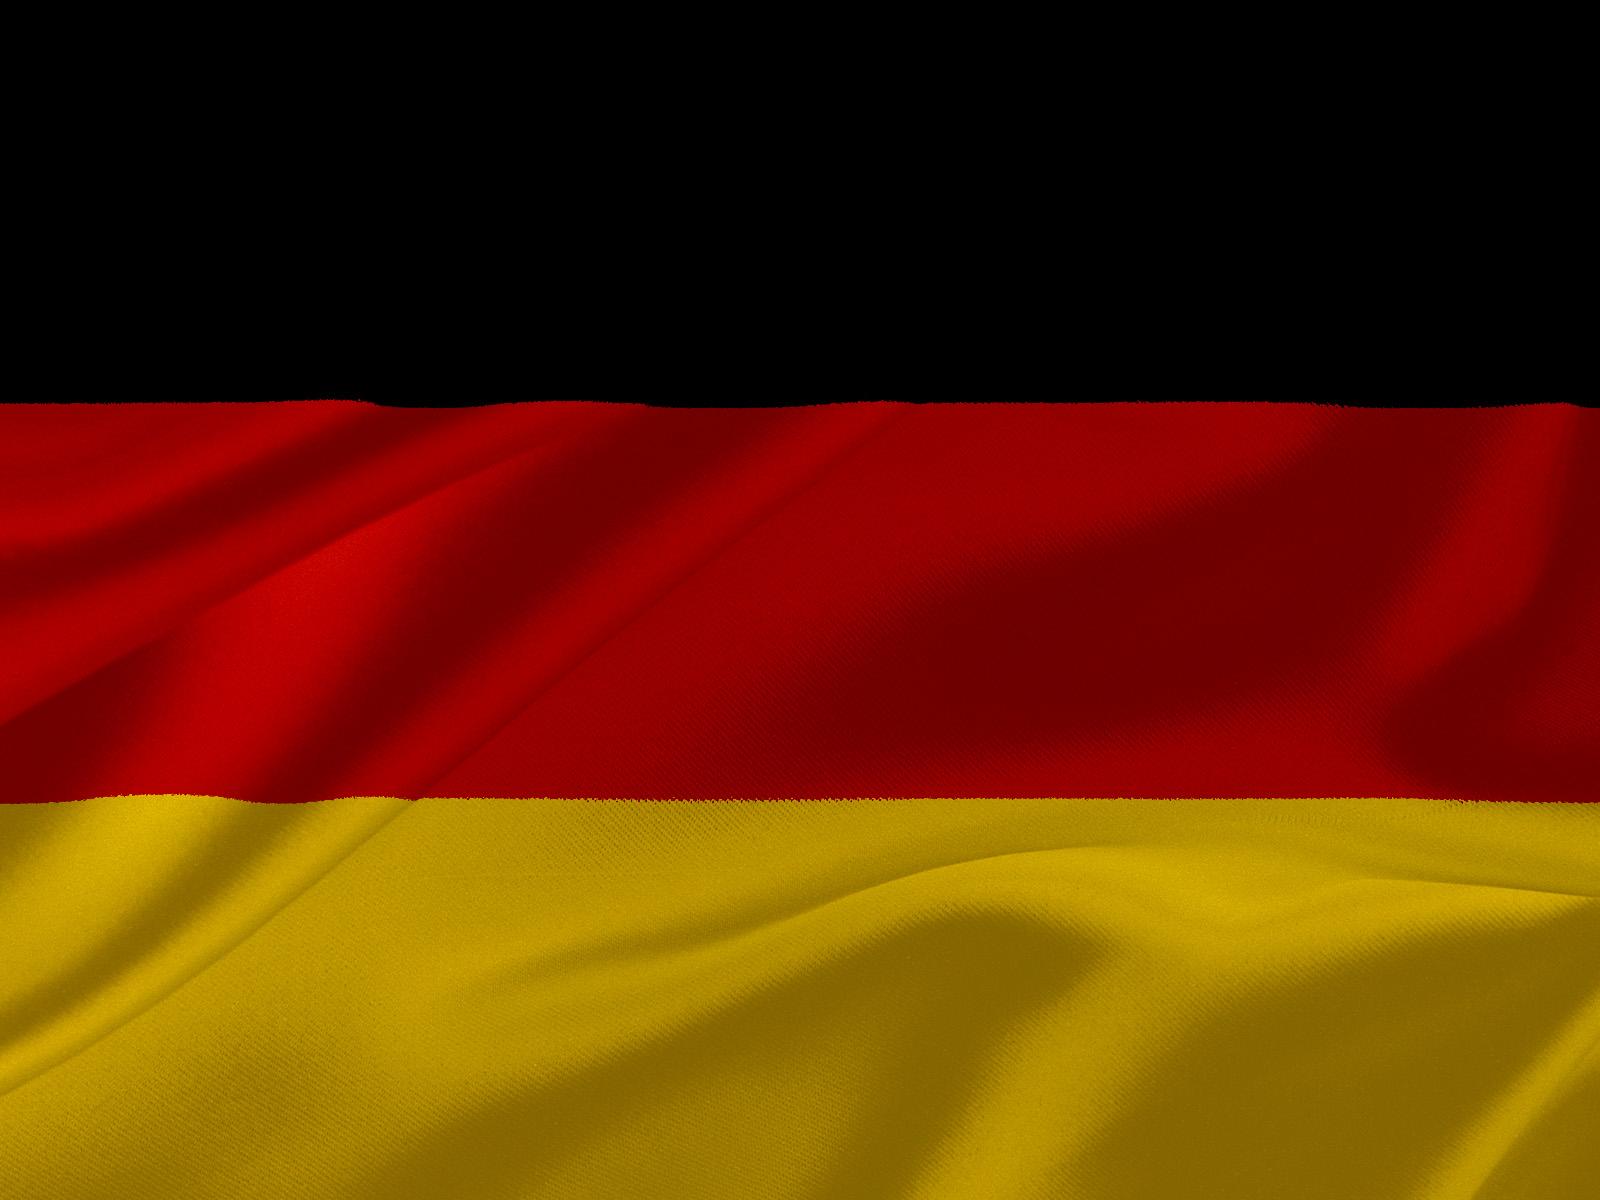 deutschland flagge wallpaper